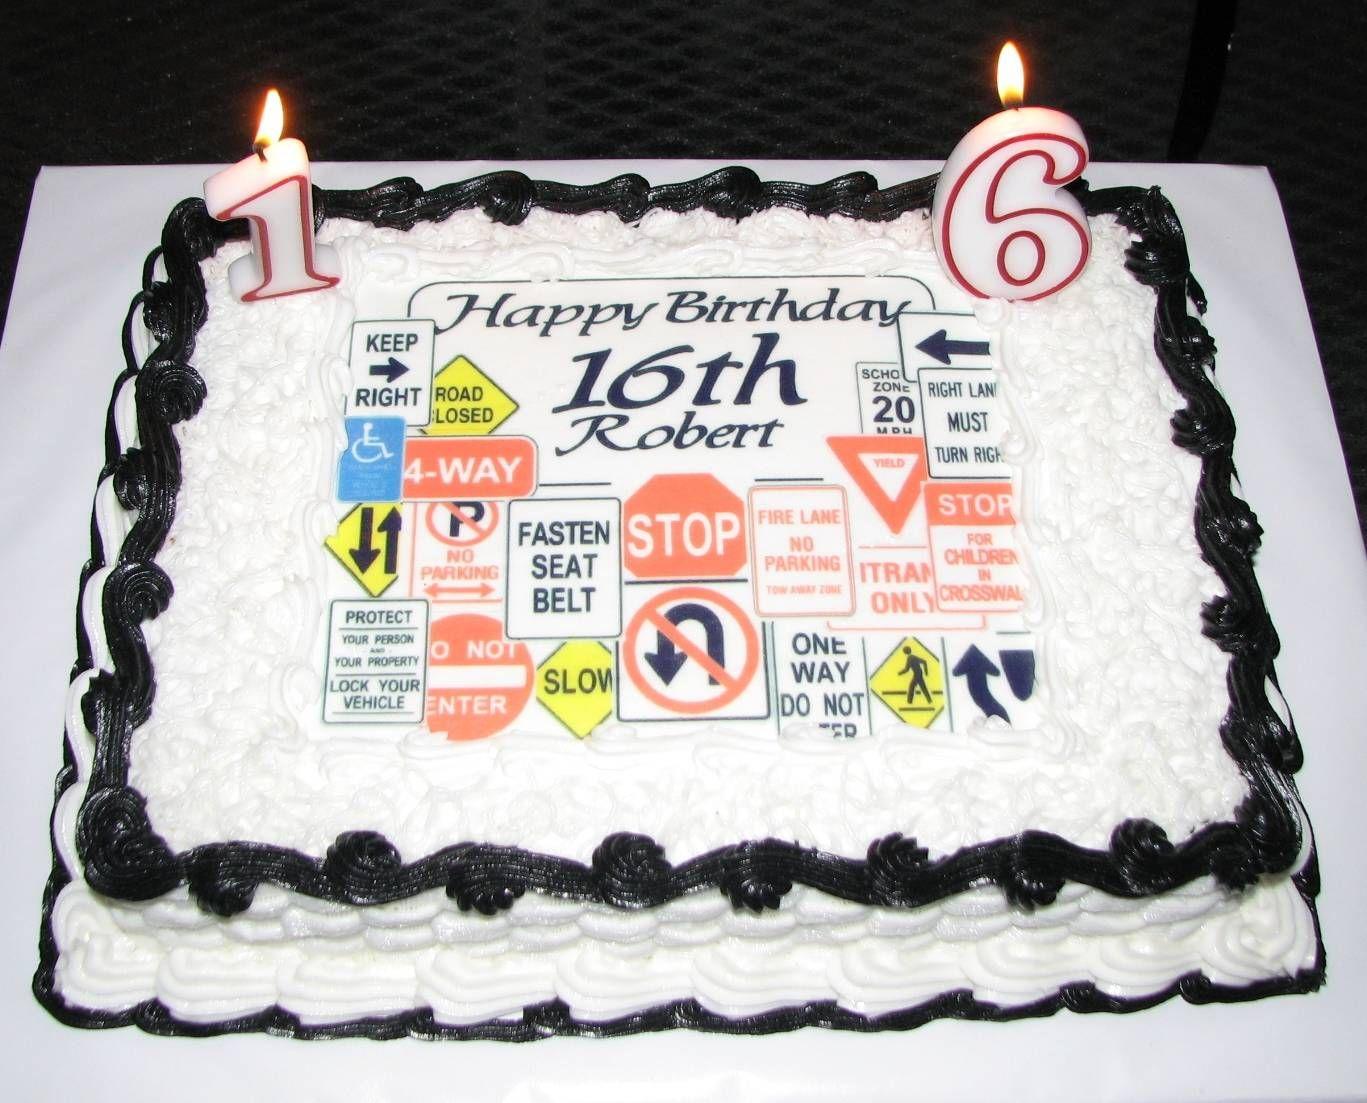 16th birthday cake ideas for boys boys 16th birthday